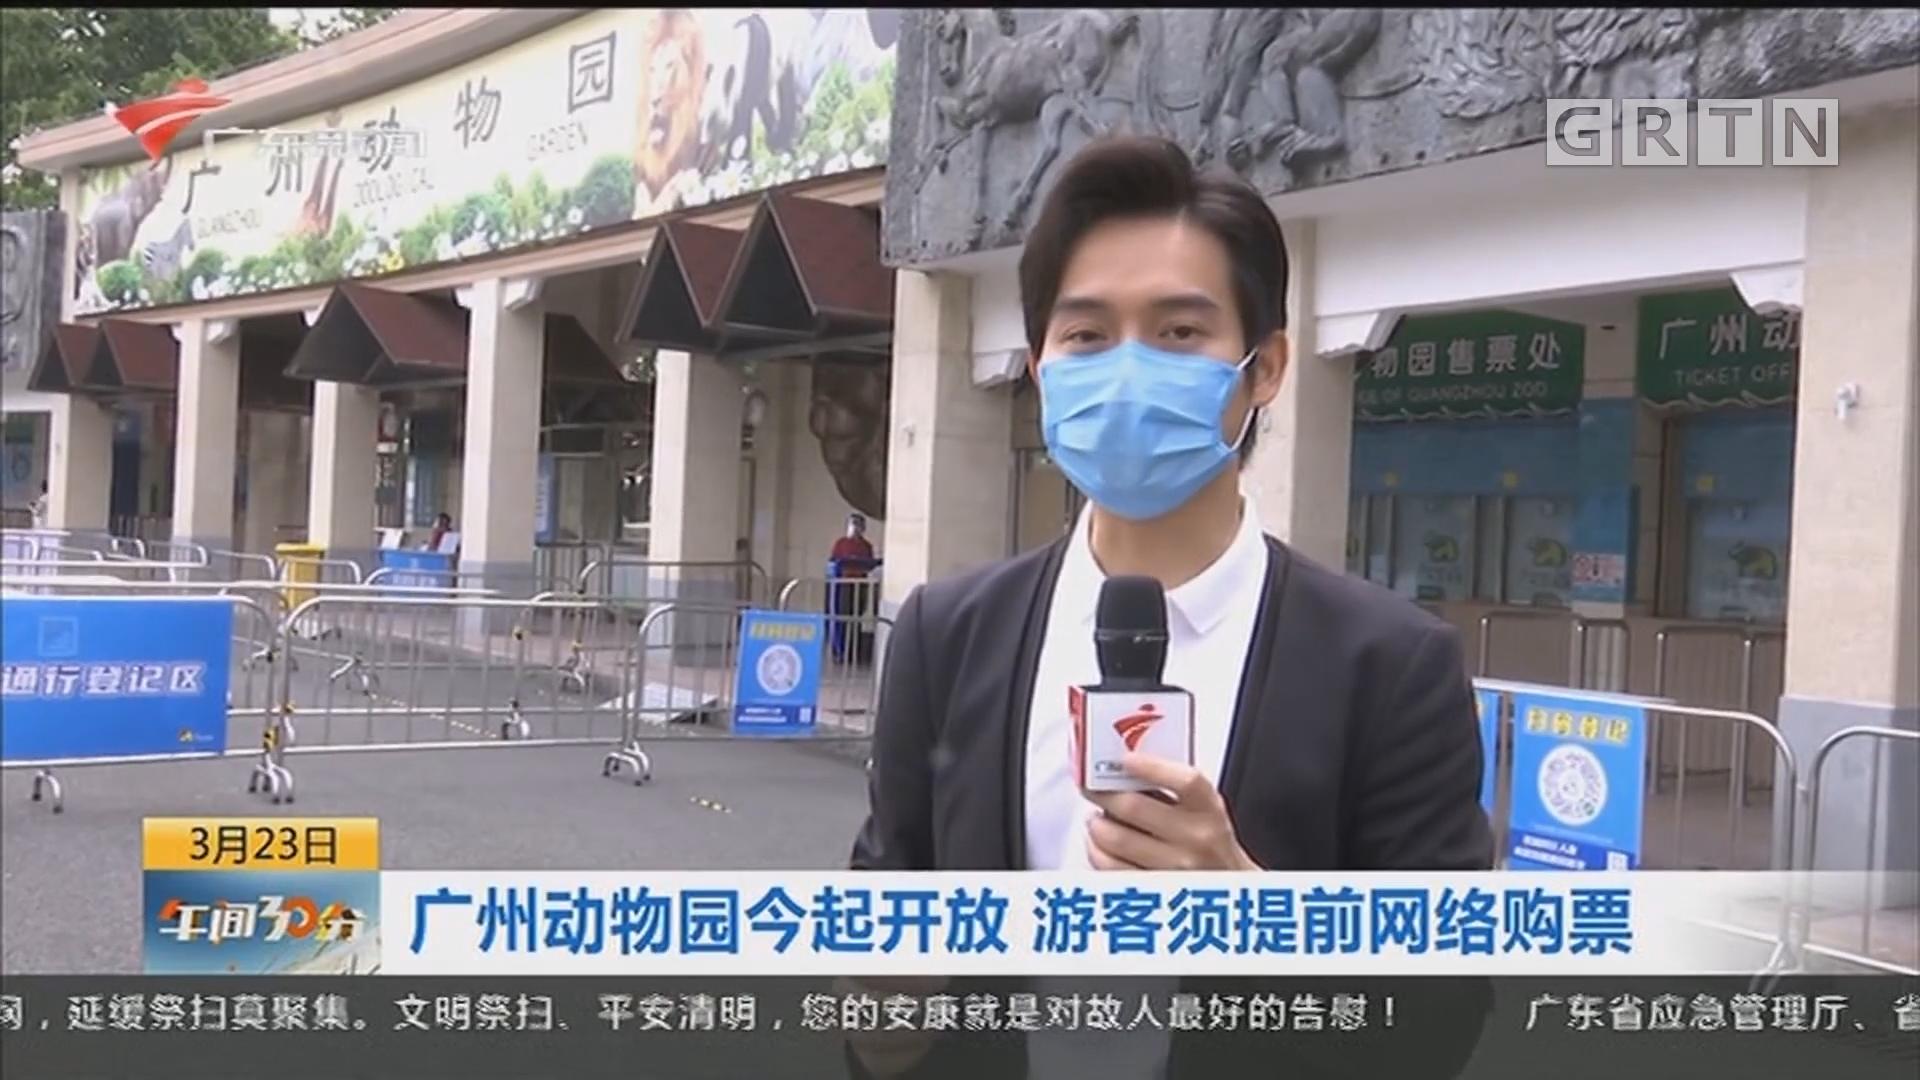 广州动物园今起开放 游客须提前网络购票